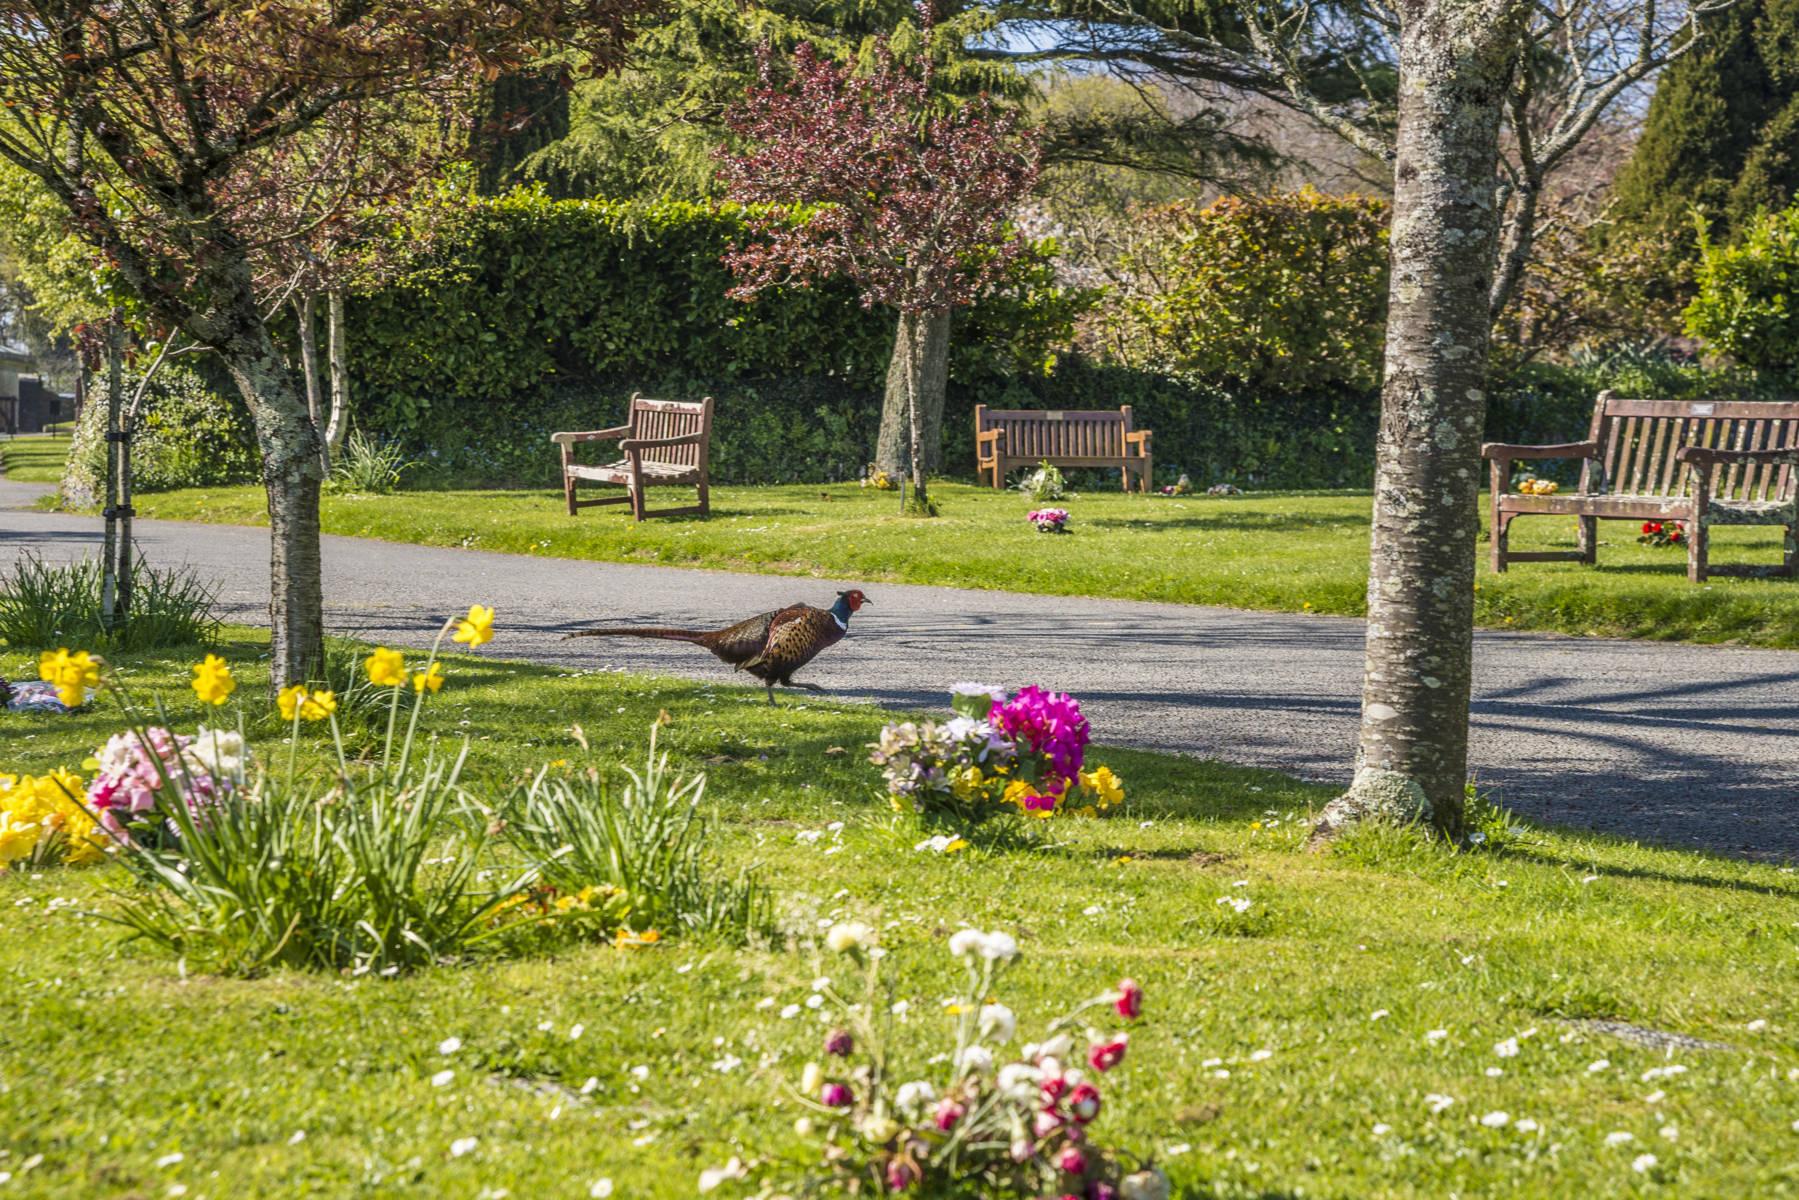 http://drakememorialpark.co.uk/upload/gallery_image/400119270319114641.JPG